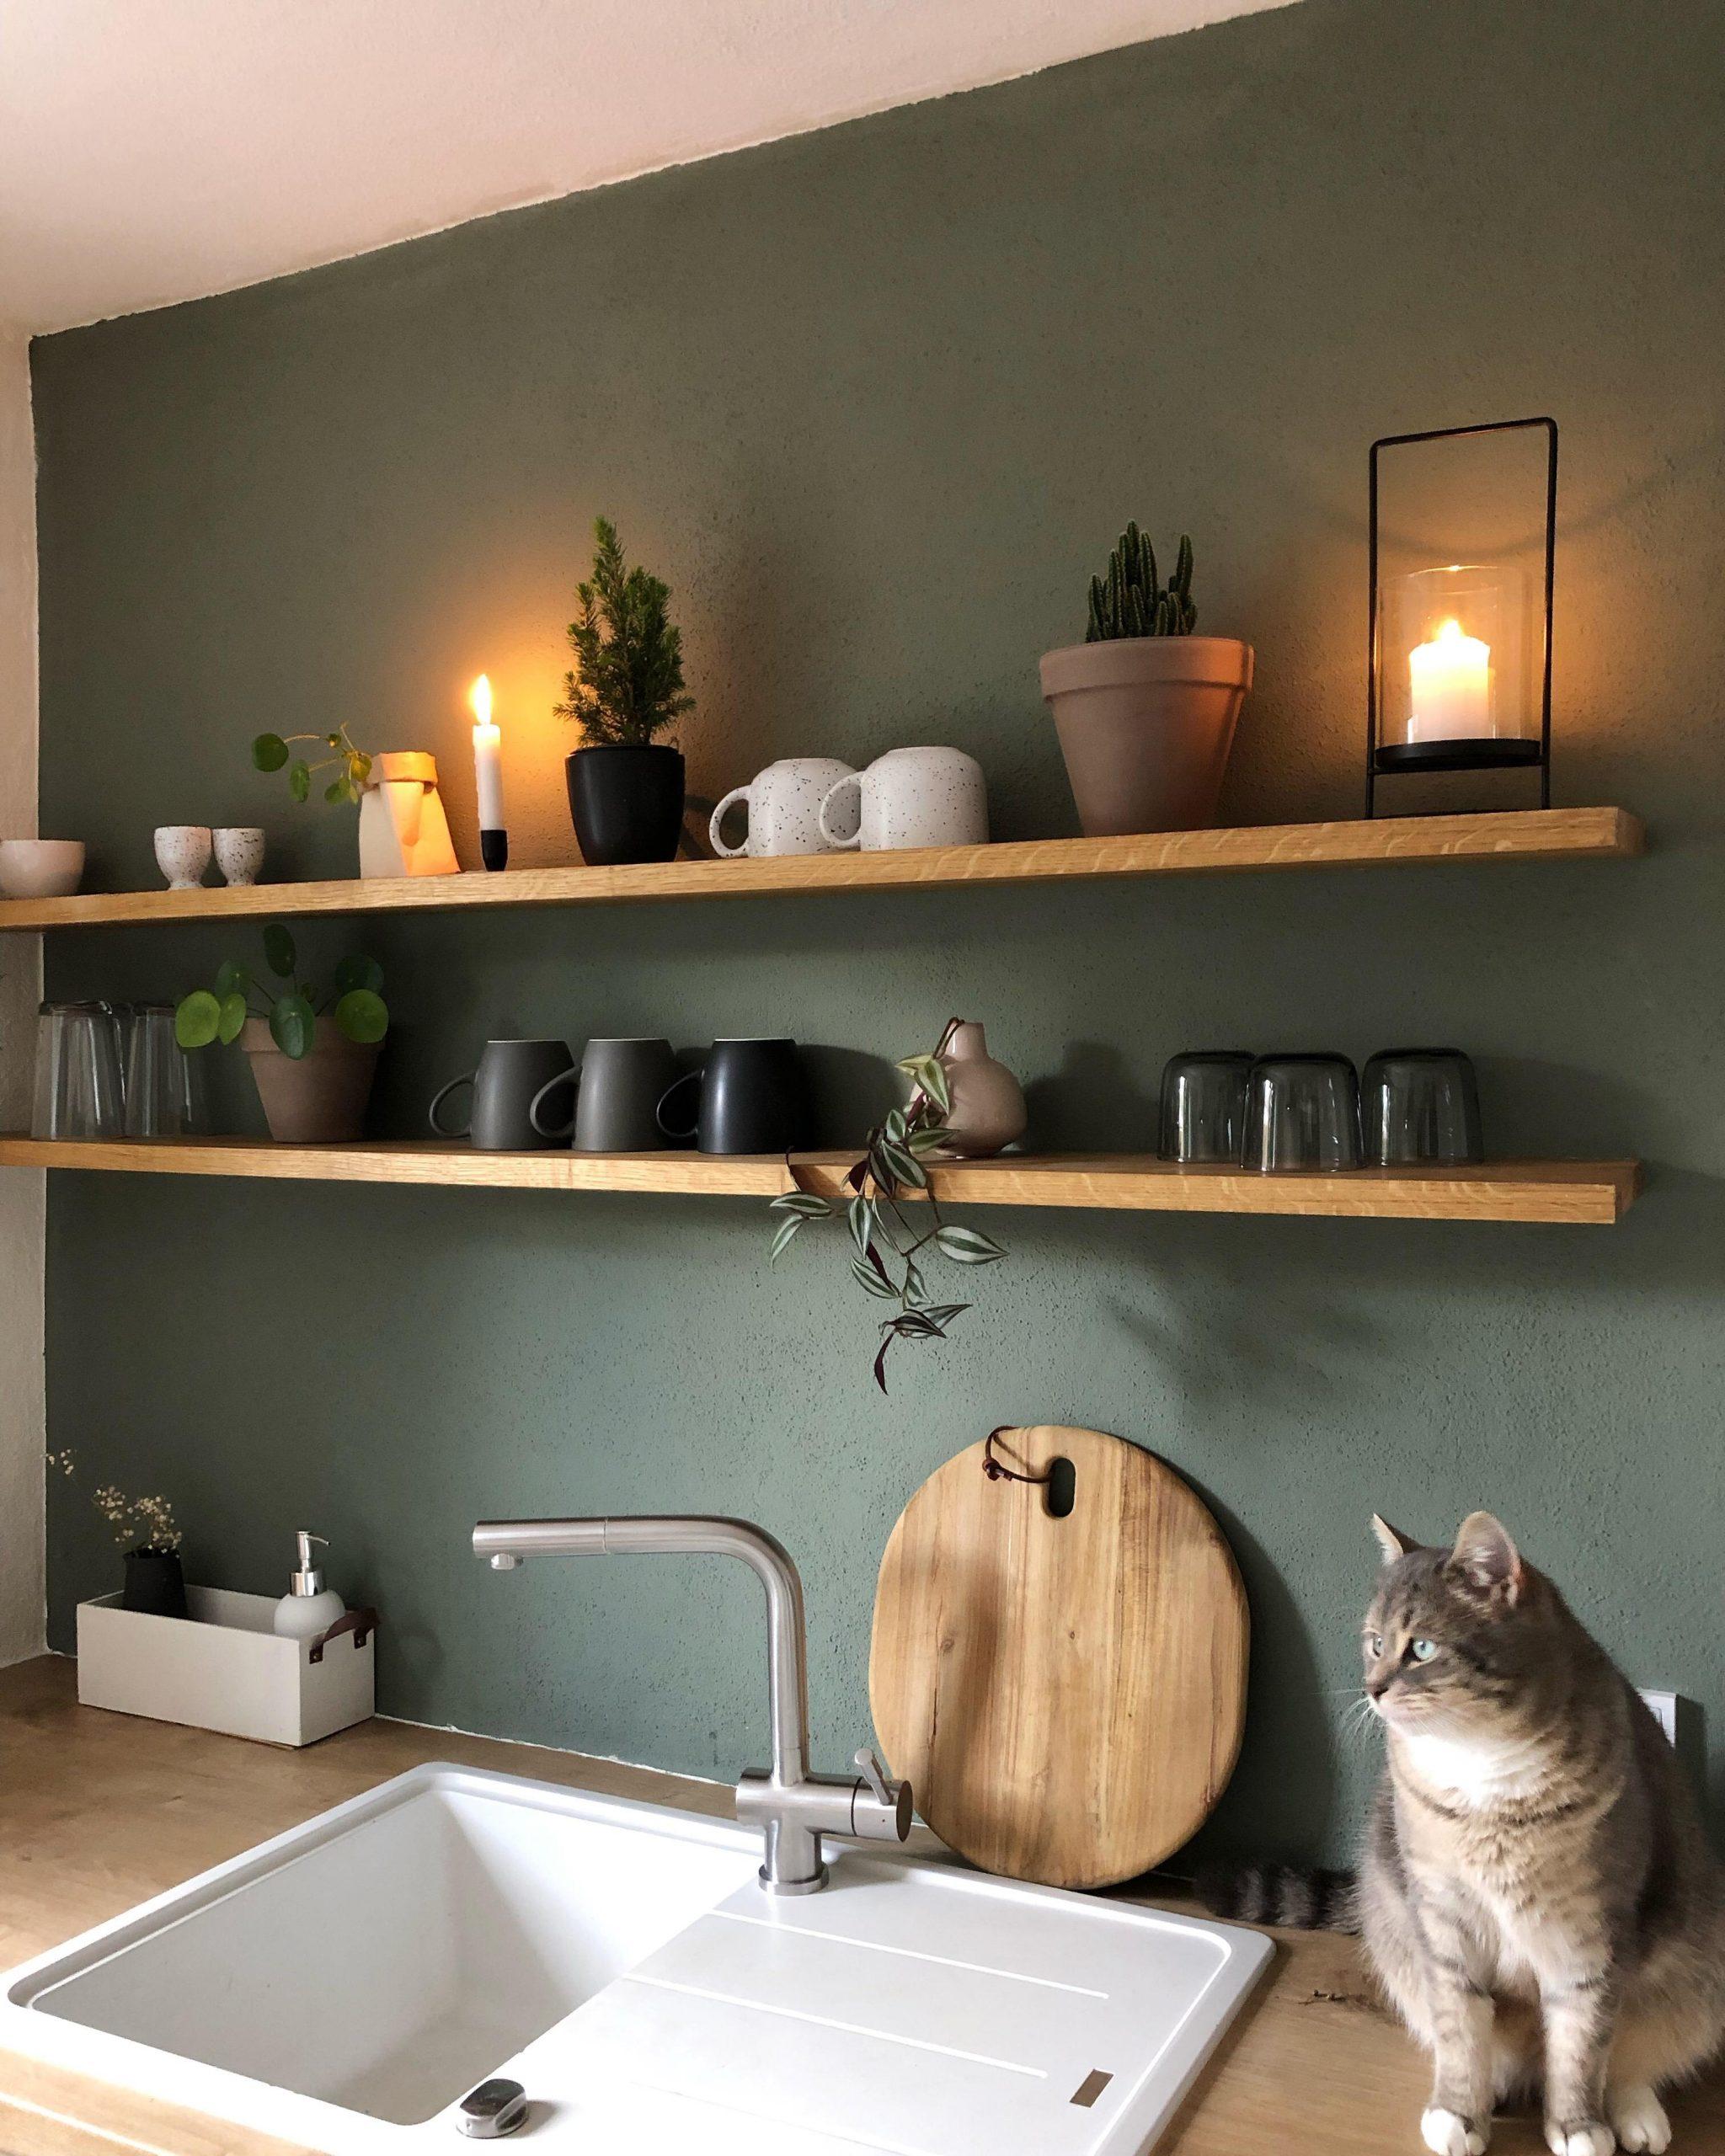 Full Size of Kchen Ideen So Planst Du Deine Traumkche Wohnzimmer Tapeten Küchen Regal Bad Renovieren Wohnzimmer Küchen Ideen